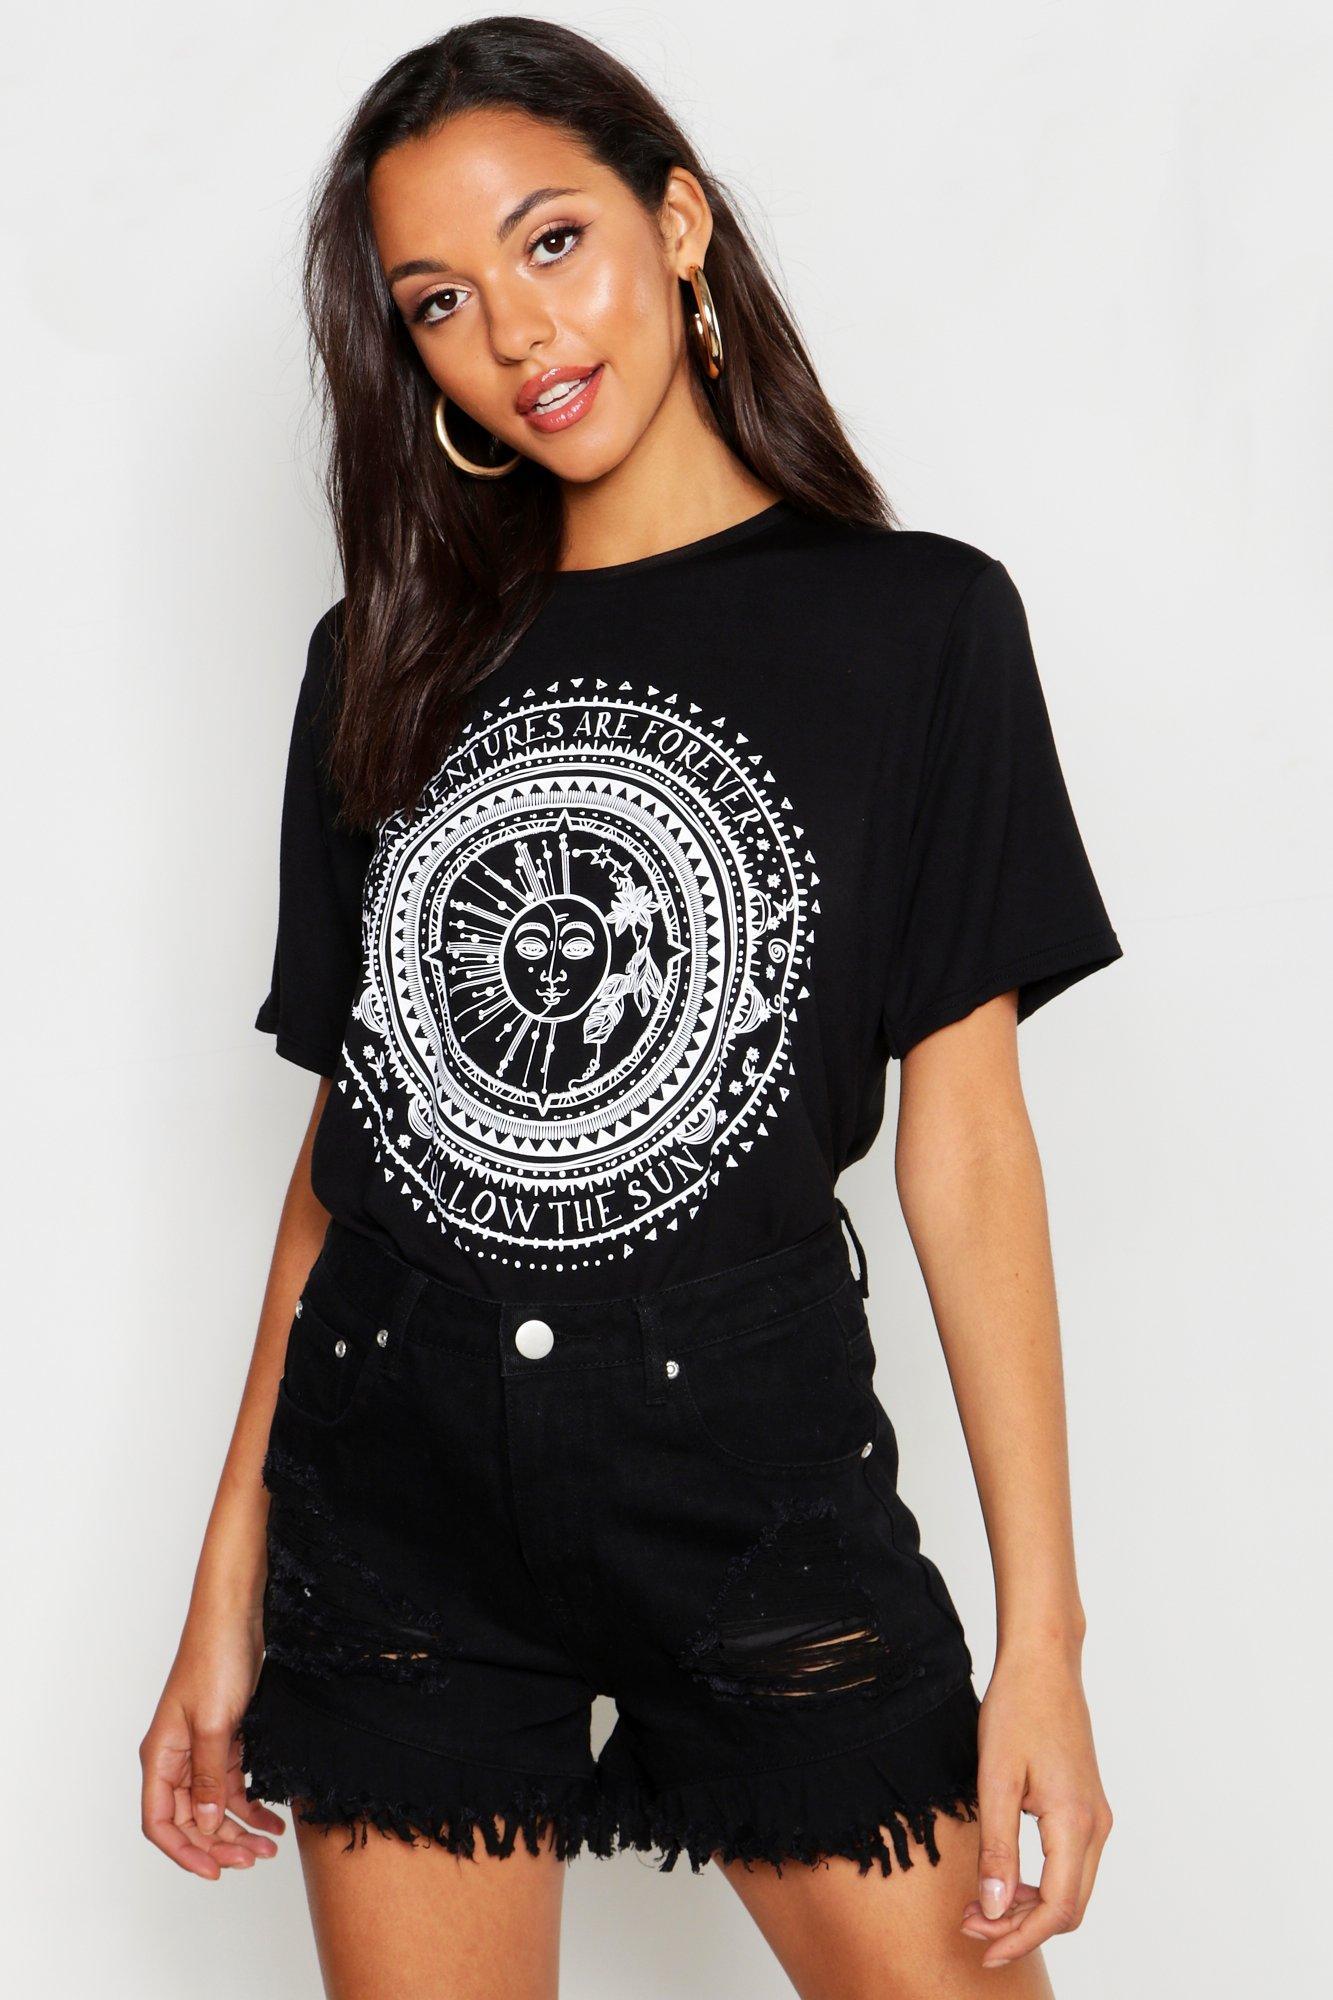 Womens Tall T-Shirt mit Sonne- und Mond-Print - schwarz - 32, Schwarz - Boohoo.com